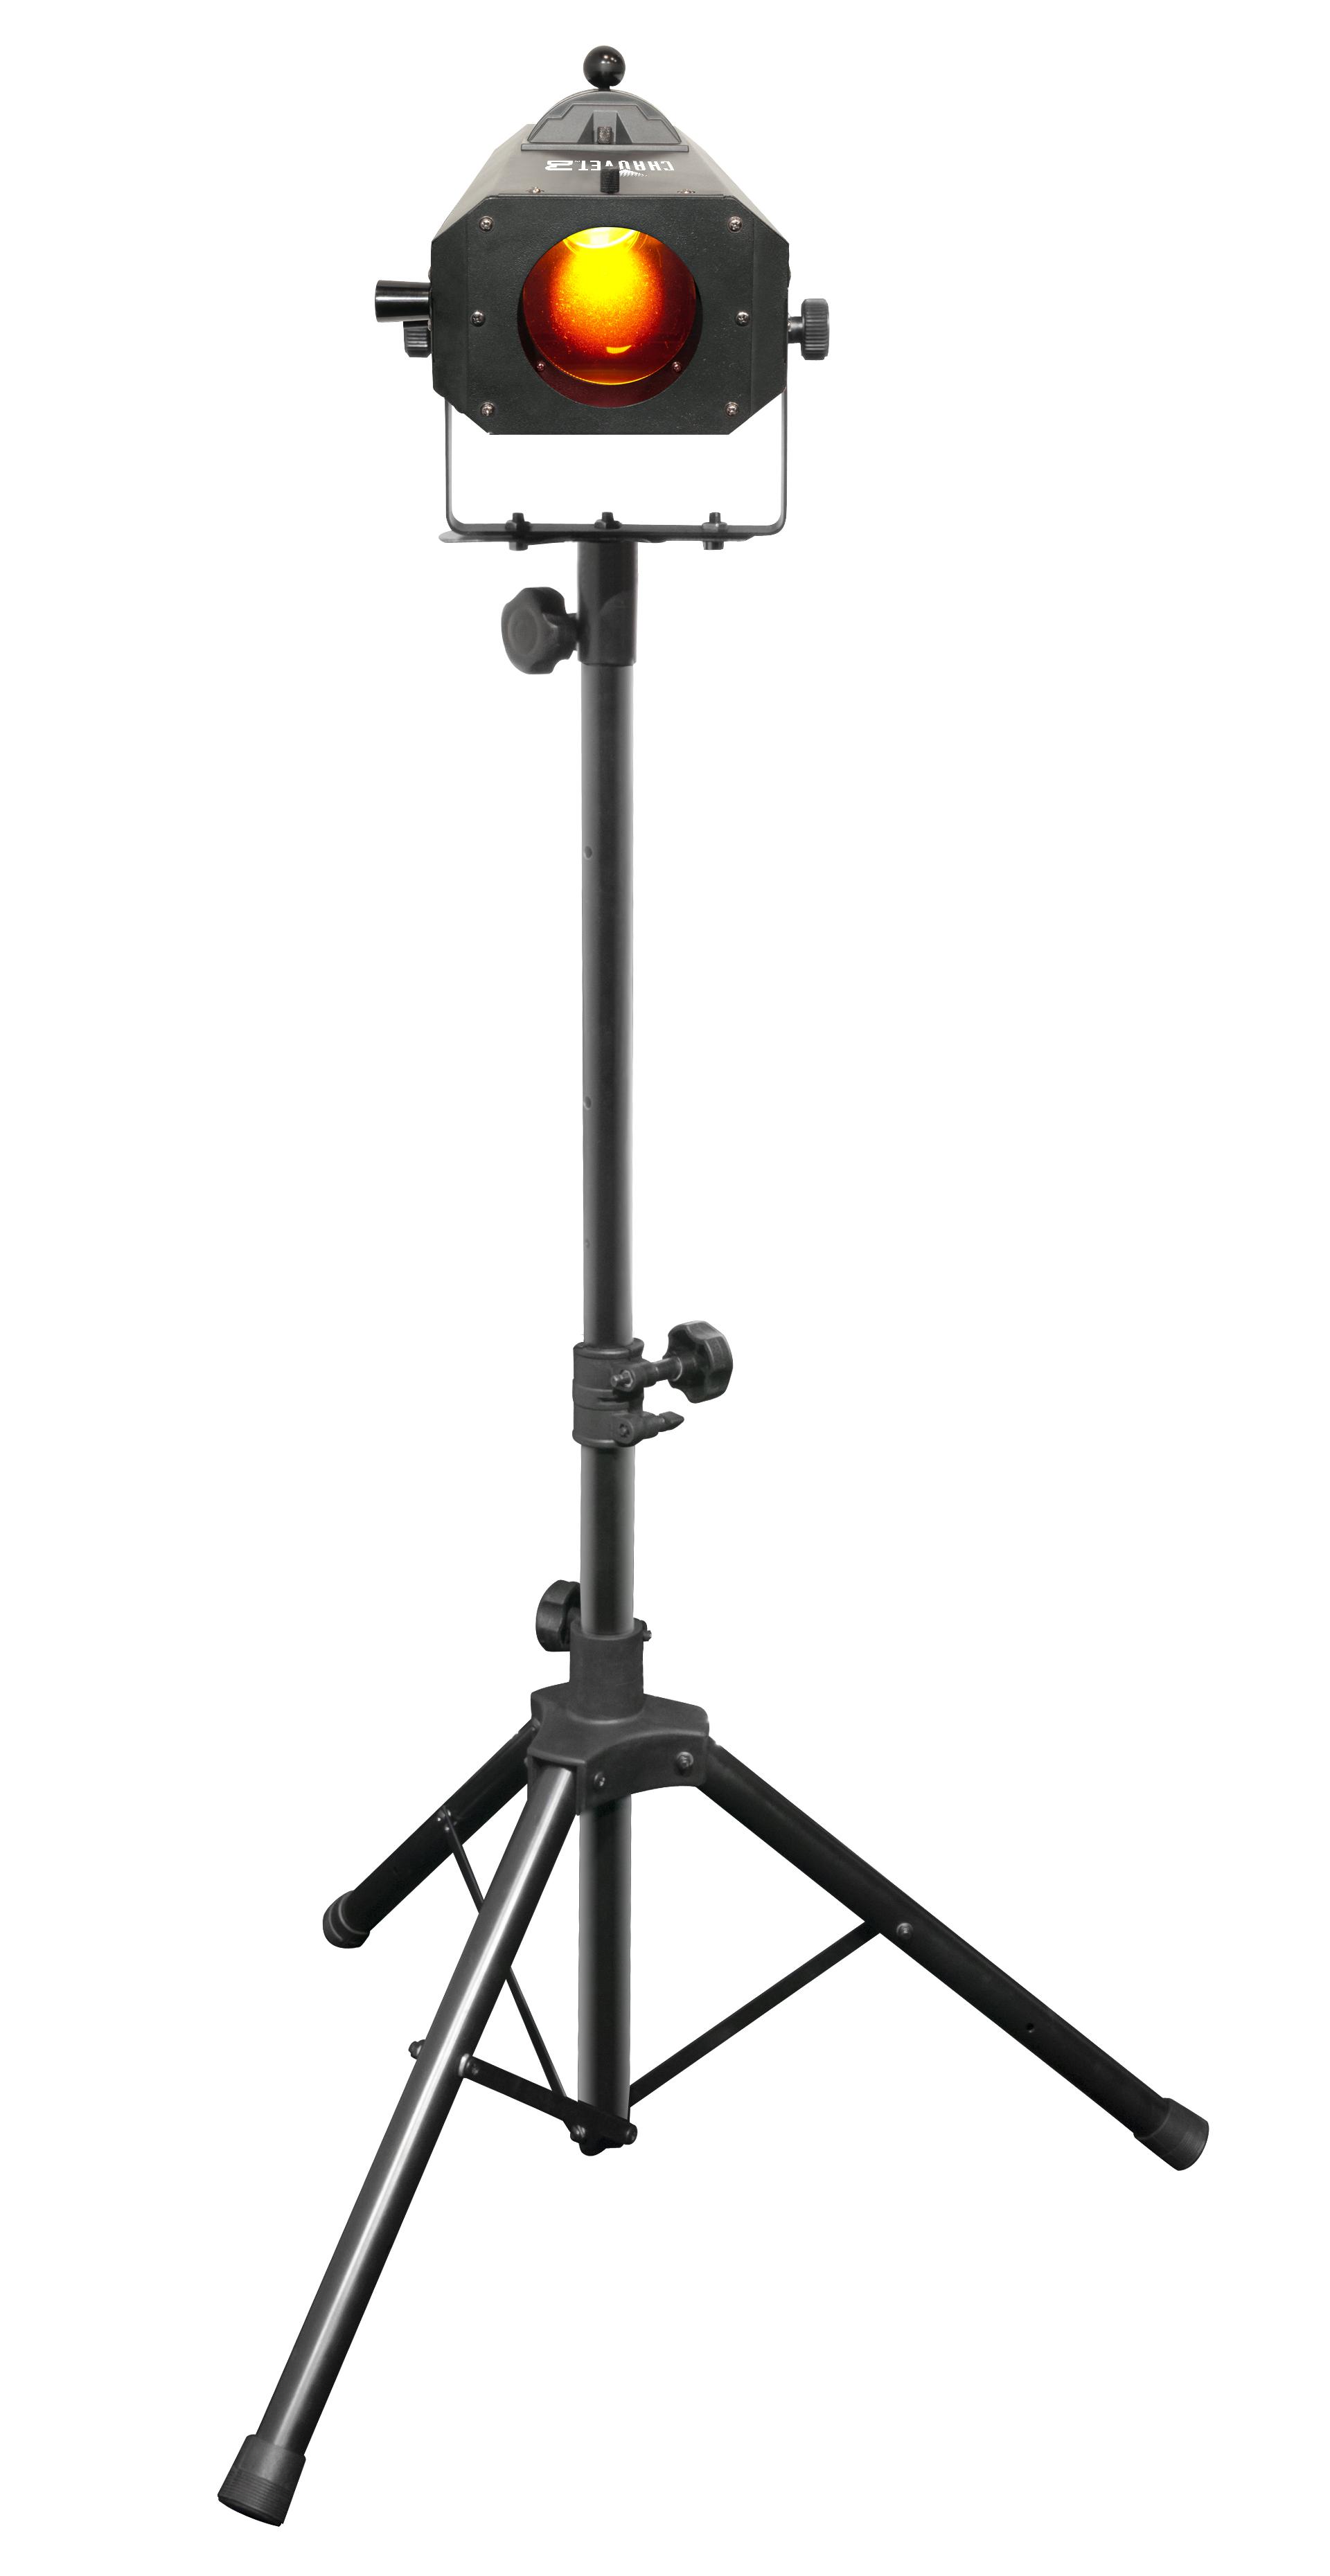 Chauvet 120st120 Watt Led Spotlight Up To 100